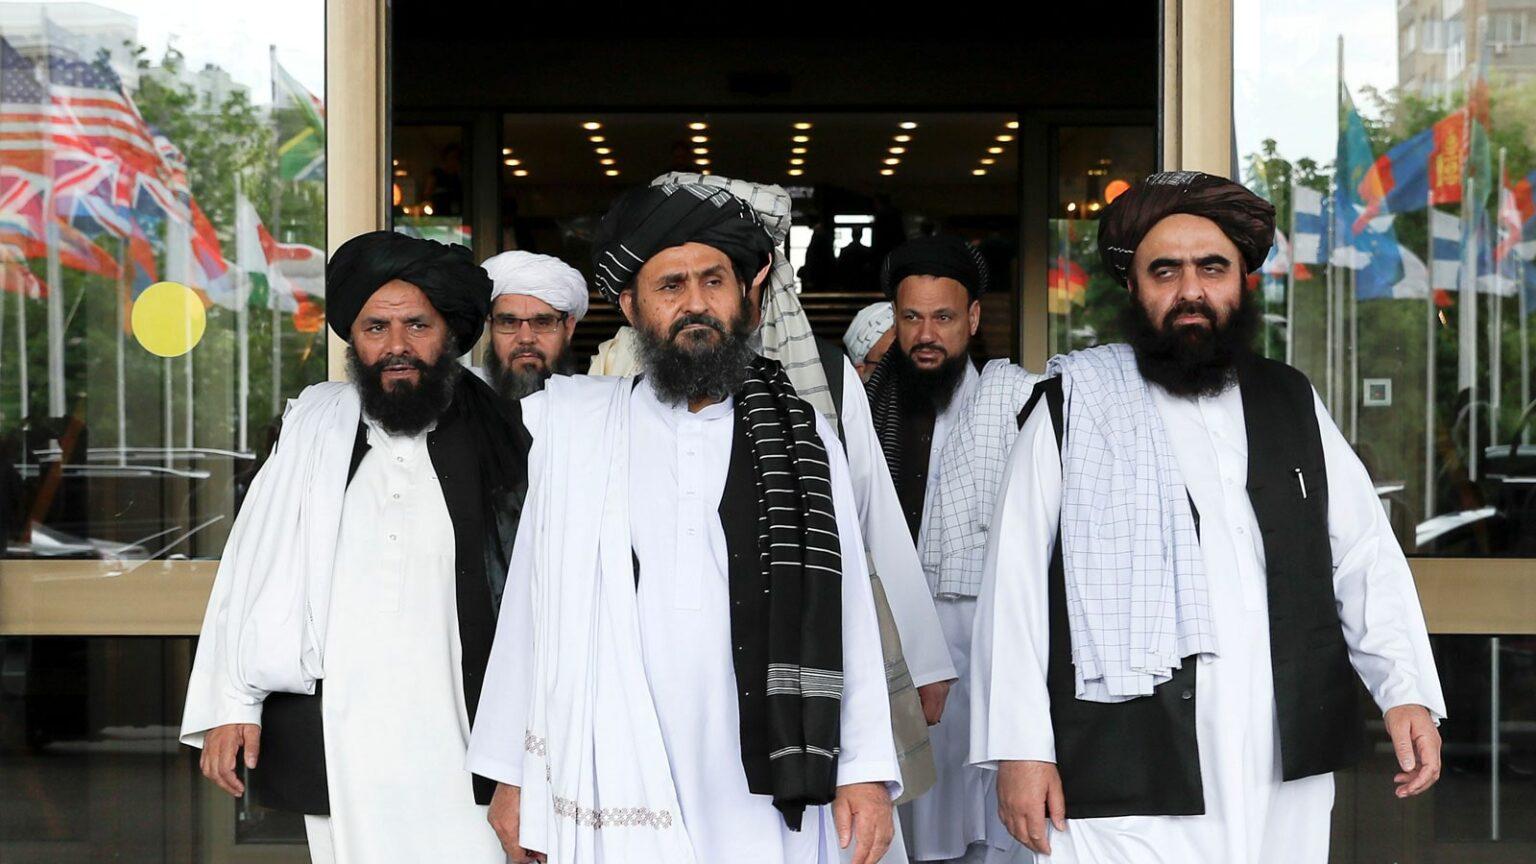 阿富汗塔利班访问俄罗斯莫斯科和中国北京并与两国官员会晤插图15-小狮座俄罗斯留学